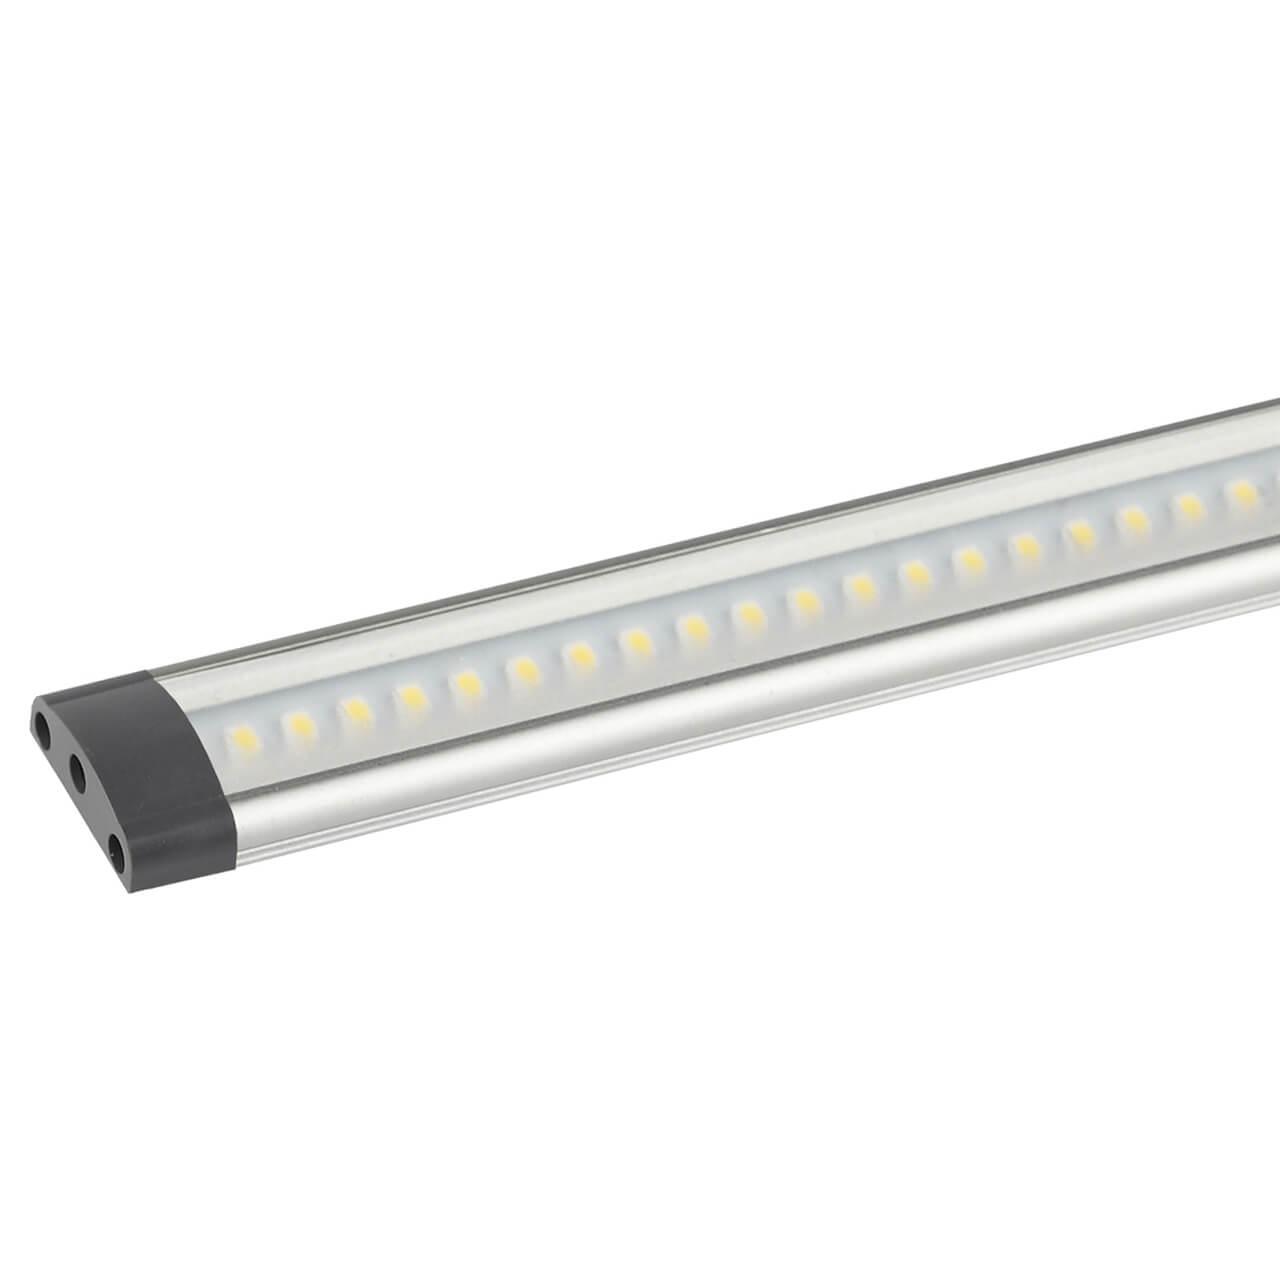 Мебельный светодиодный светильник ЭРА LM-5-840-C1 ultrafire c1 5 mode memory led flashlight w cree r2 wc 2 cr123a 1 18650